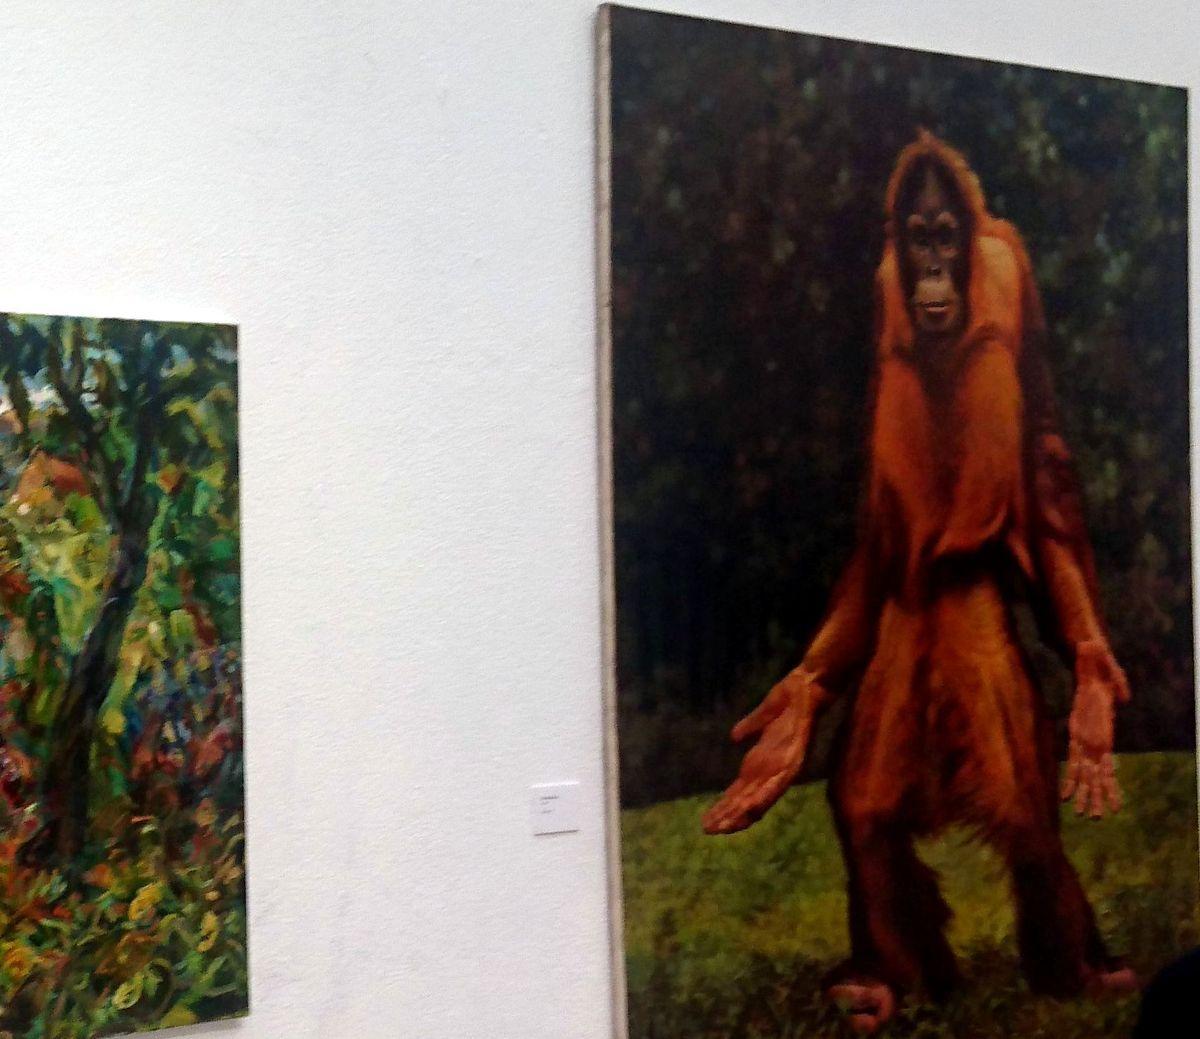 """Dailininkas Pranas Griušys 7-ąjį kartą kasmetinės Kauno parodos-konkurso """"Geriausias metų kūrinys"""" laureatu tapo su sutrikusį orangutaną vaizduojančiu realistiniu kūriniu """"Ką daryti?"""". Foto: ©PILOTAS.LT"""